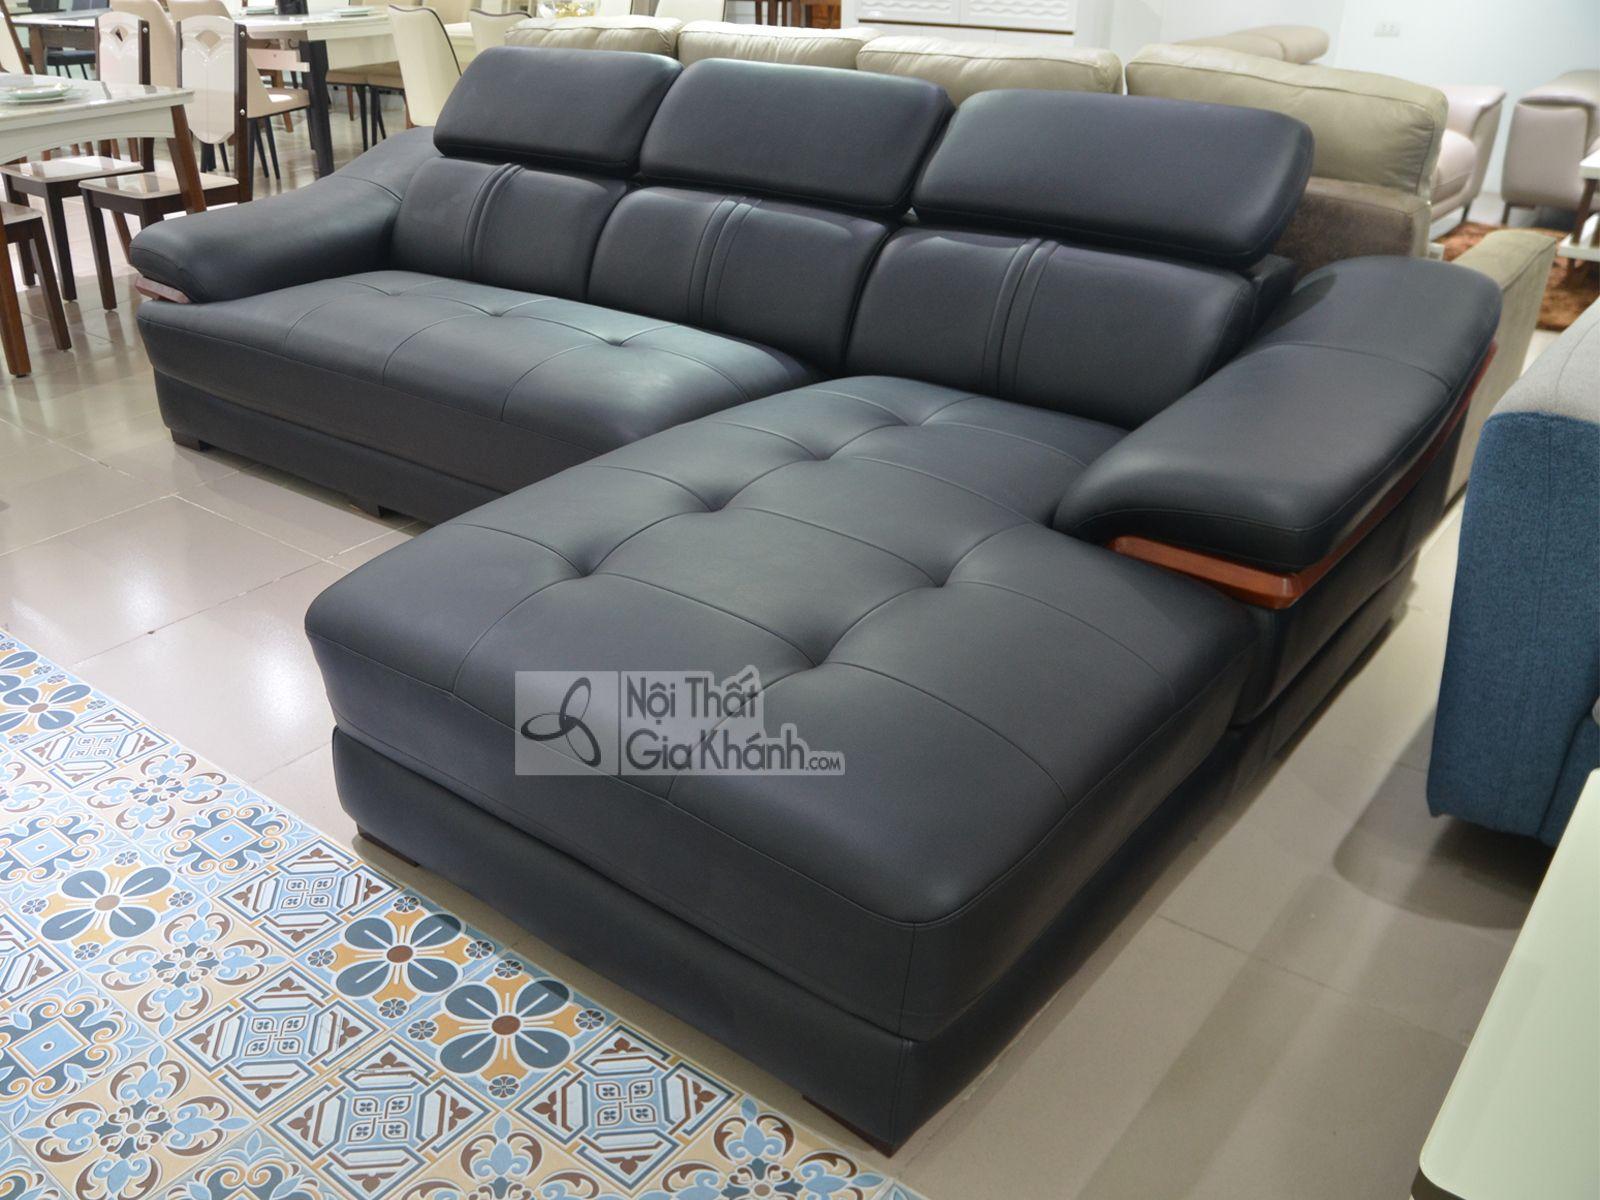 sofa da phong khach 6725d sf 1 - Sofa da 2 băng góc trái ST0672-2-C1